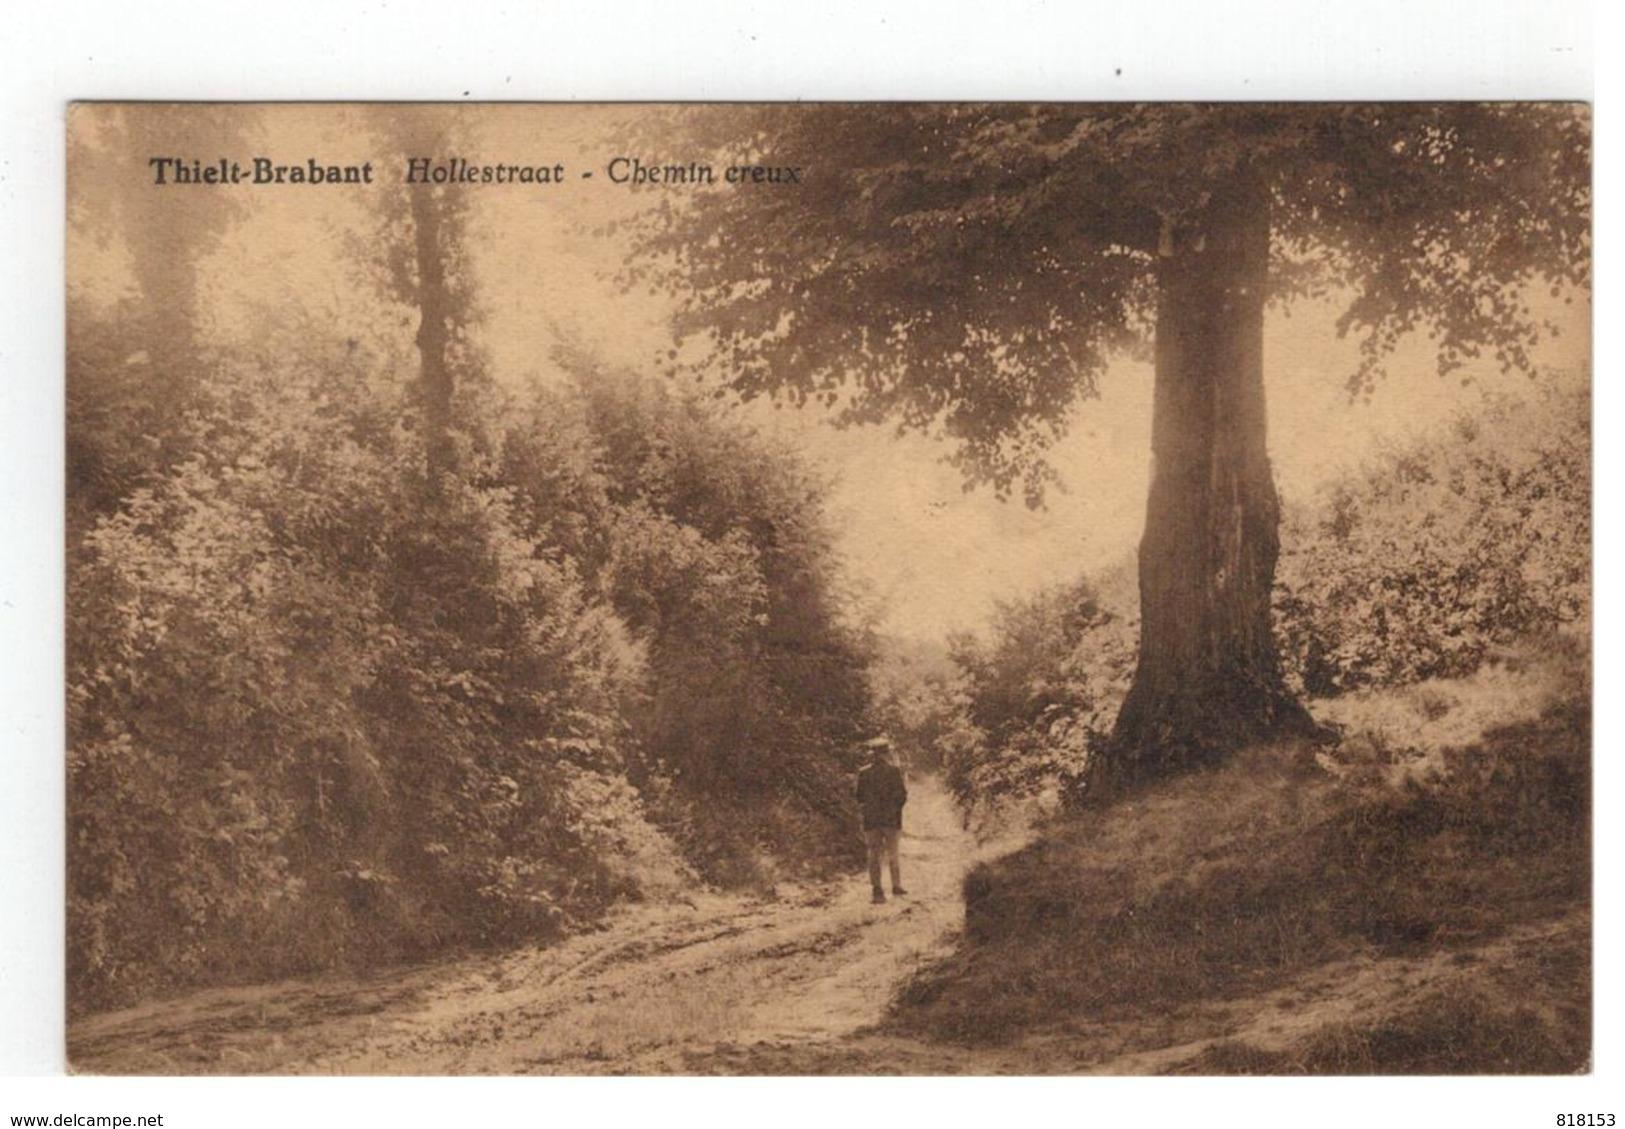 Tielt-Winge  Thielt-Brabant  Hollestraat - Chemin Creux  Uitg. D. Torbeyns - Tielt-Winge